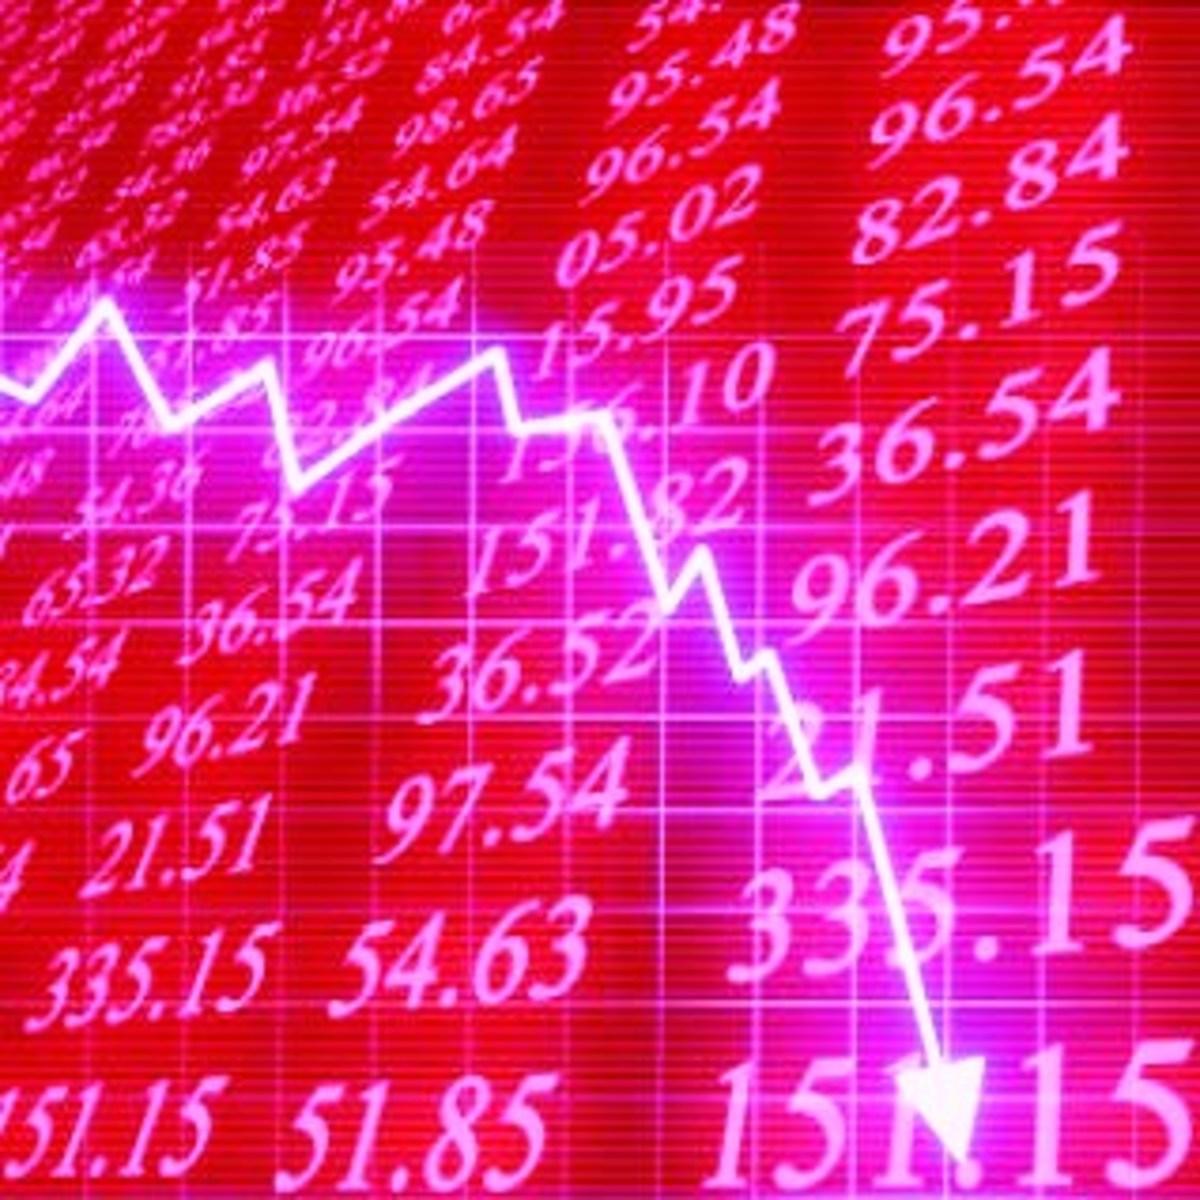 Η απειλή ακυβερνησίας καταπόντισε το χρηματιστήριο –  Εκτόξευση των spreads   Newsit.gr